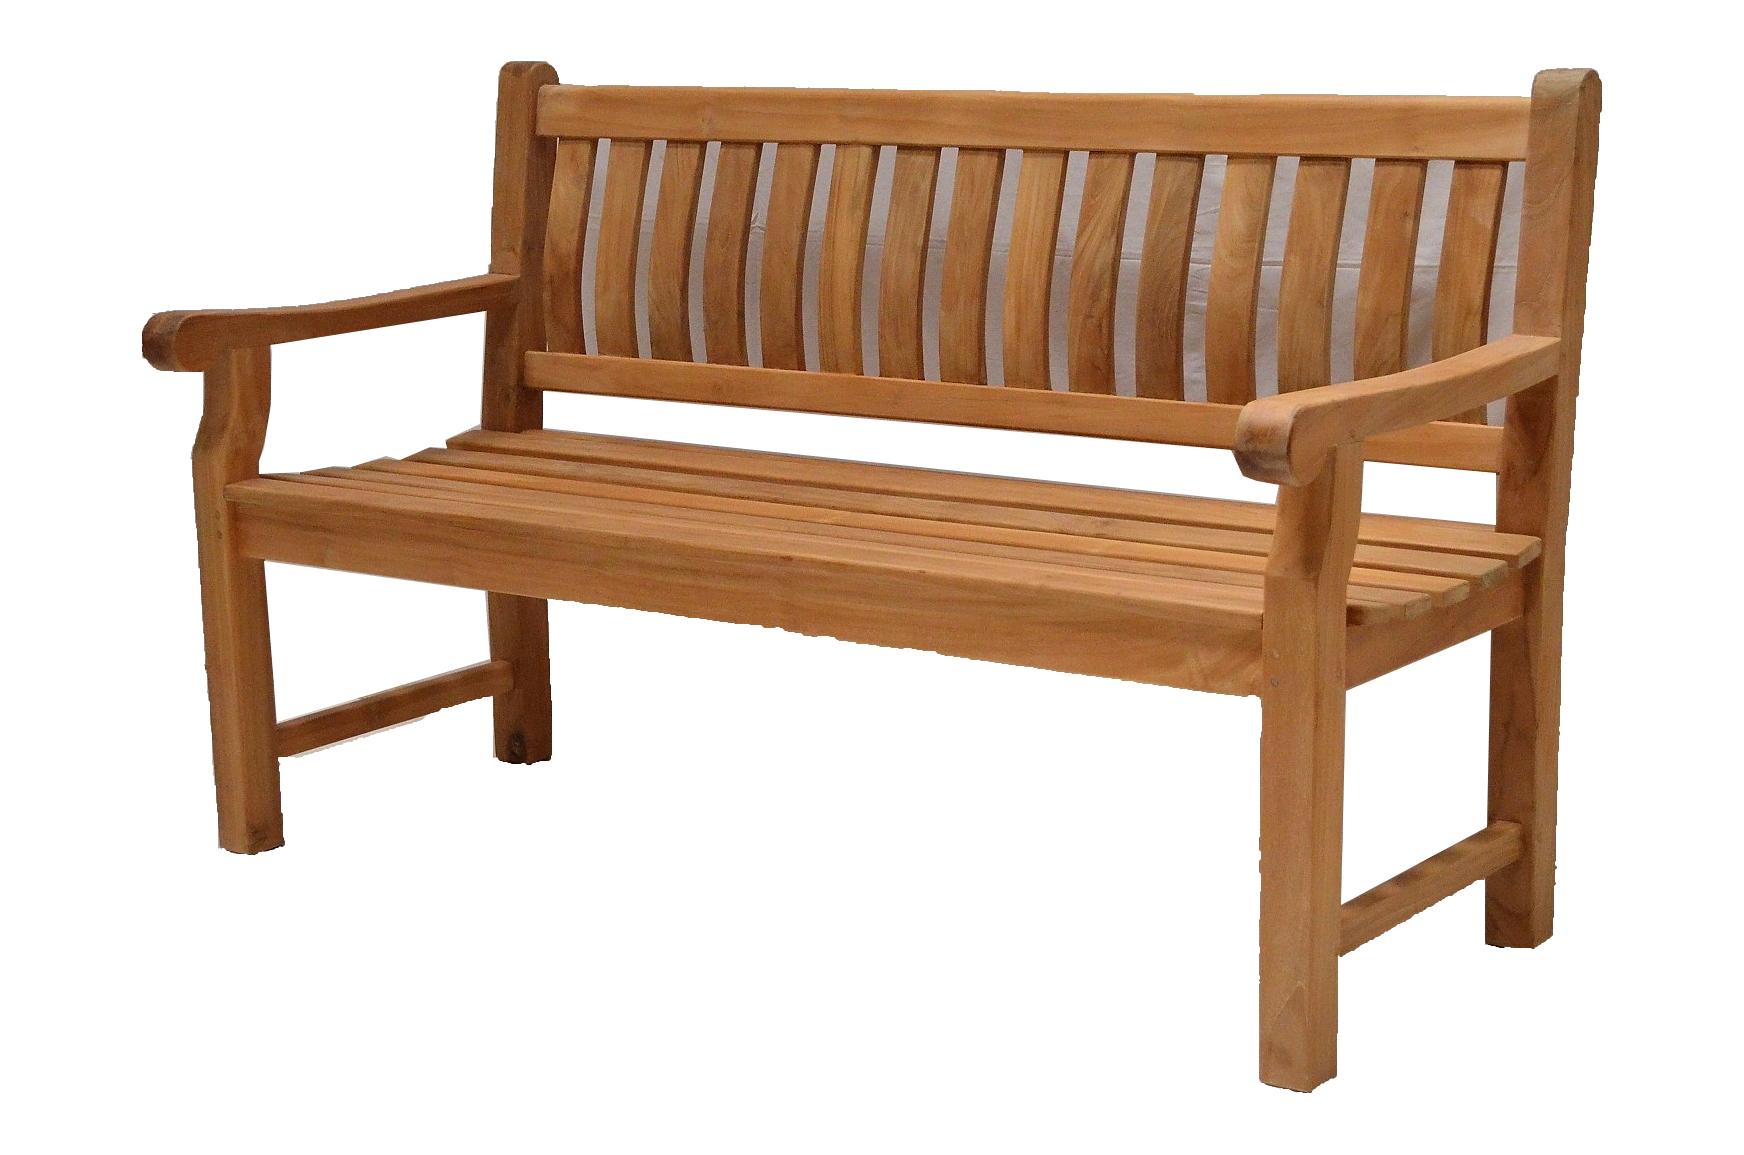 teak bank gartenbank teakm bel gartenm bel sitzbank lounge m bel outdoor m bel recyceltes teakholz. Black Bedroom Furniture Sets. Home Design Ideas